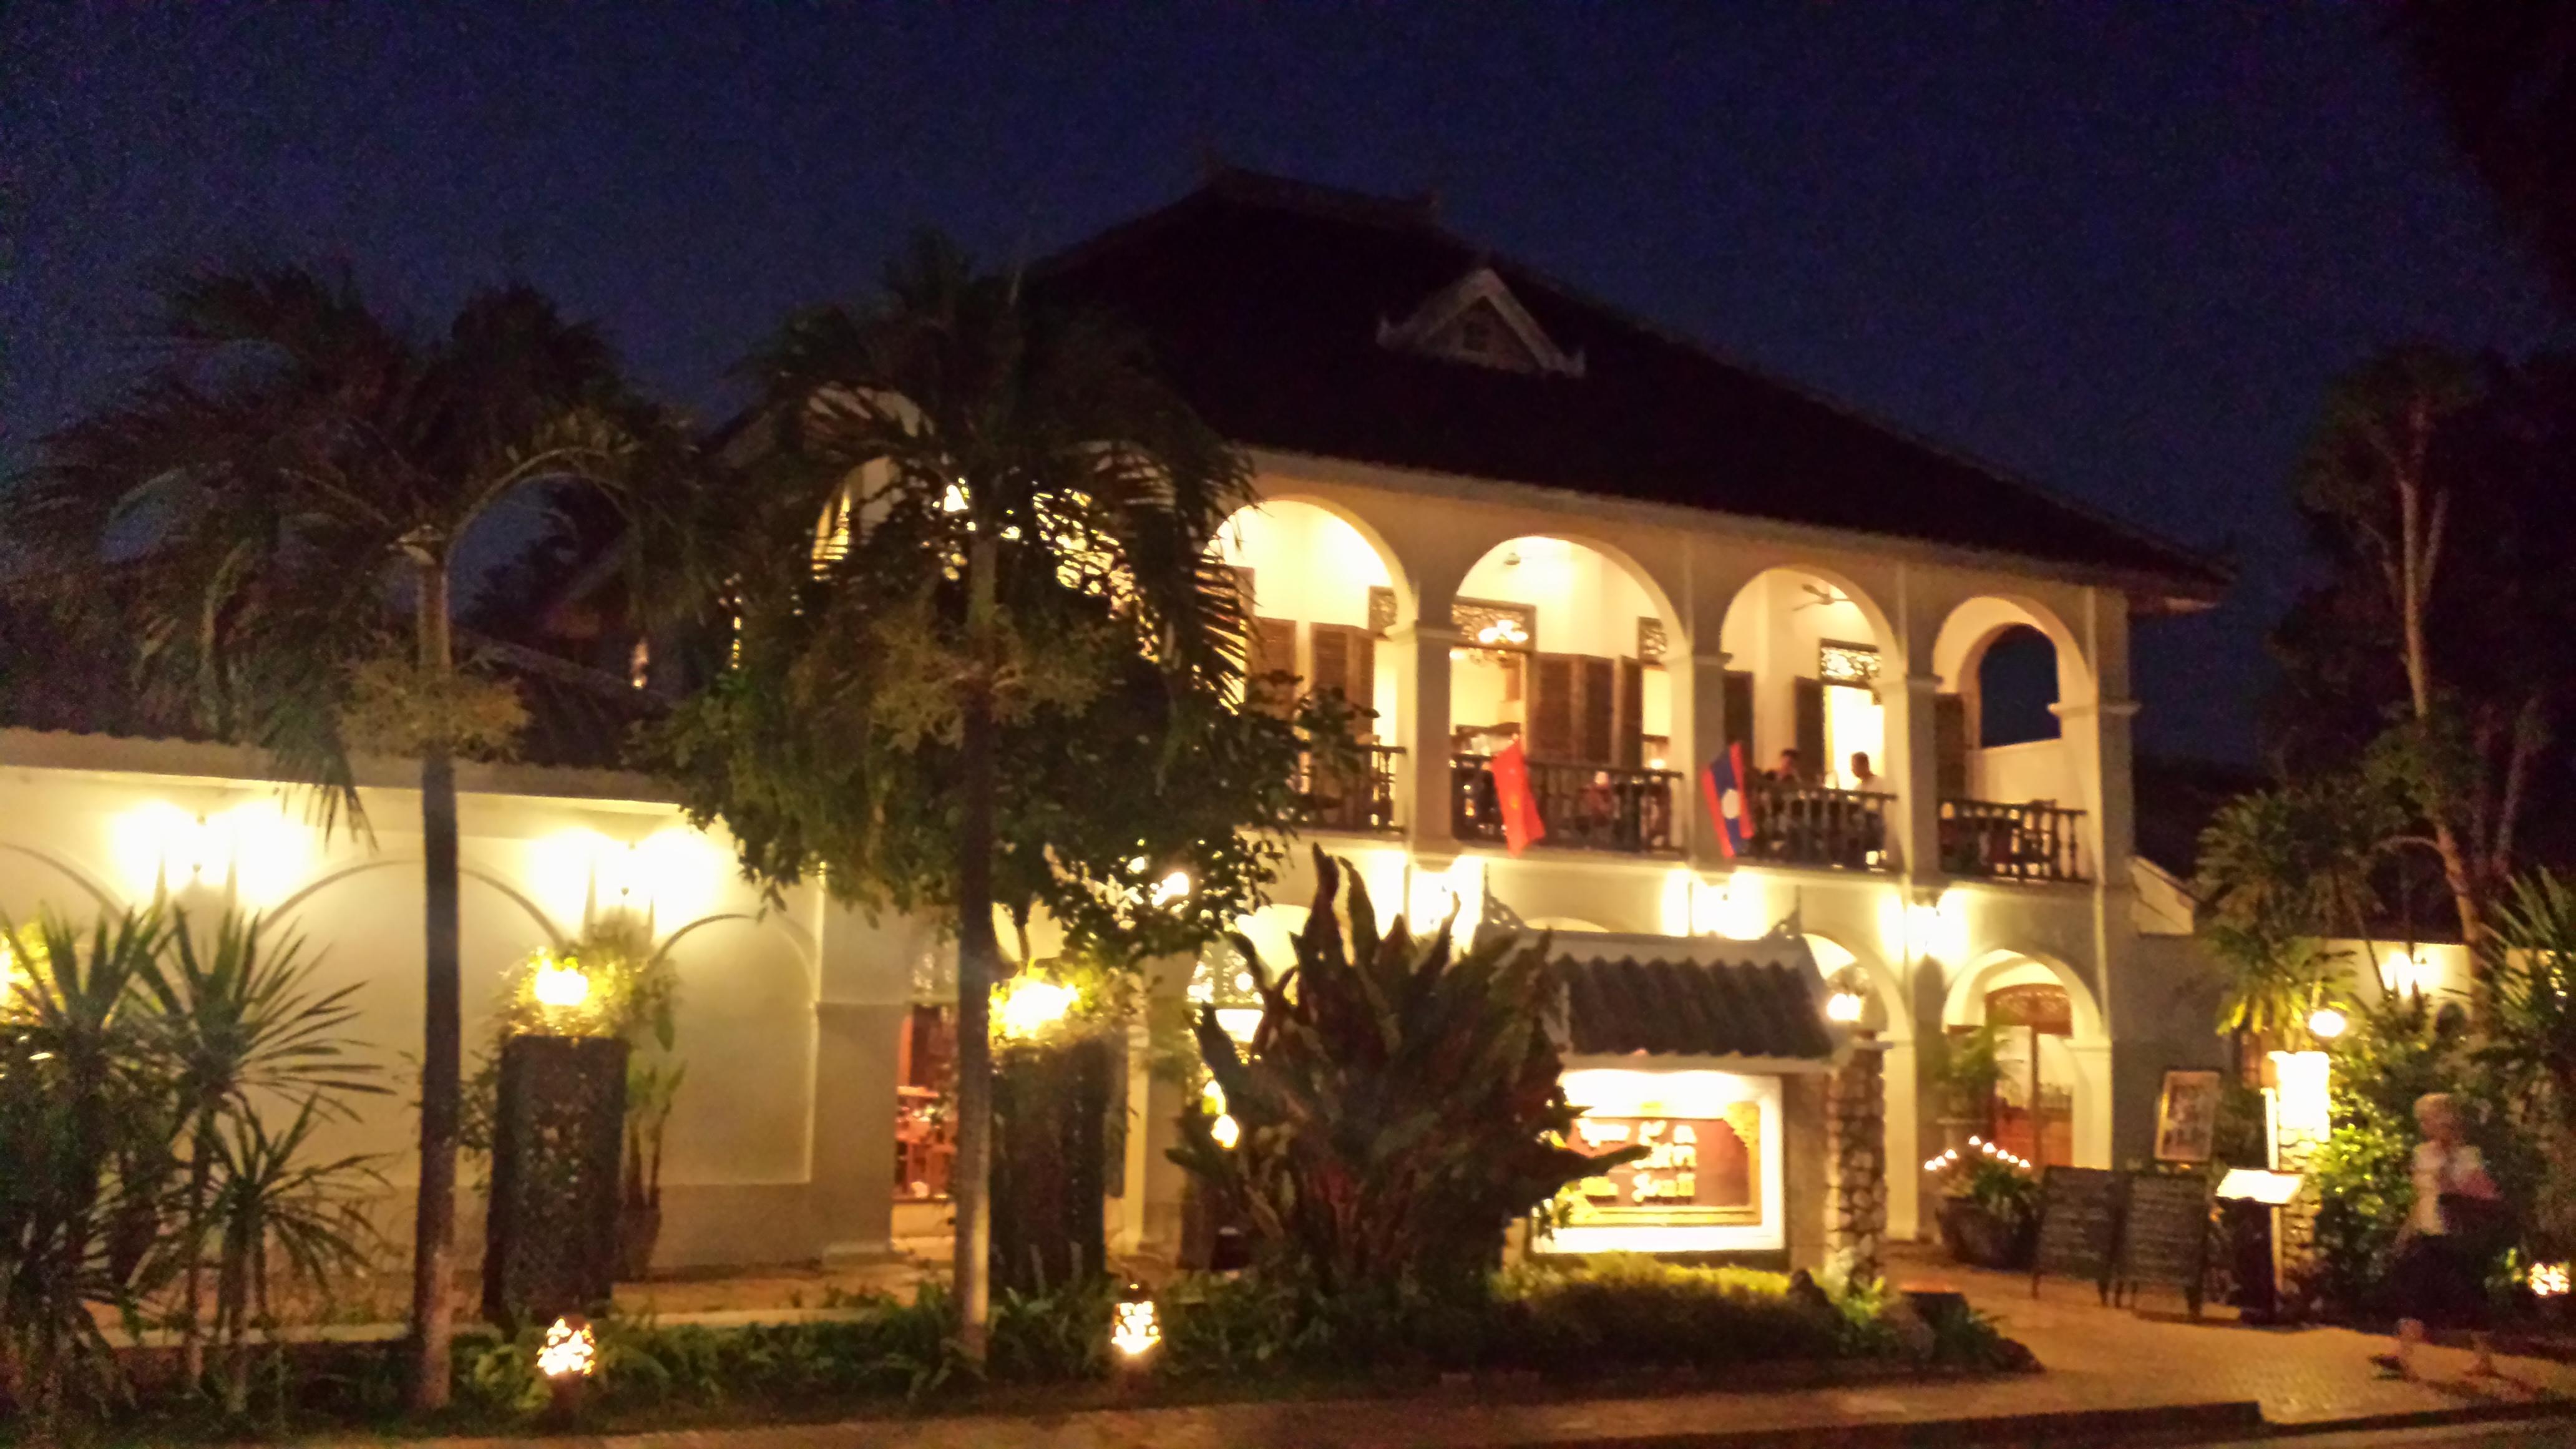 Cam așa arată Luang Prabang la ceas de seară. Zeci de vile cochete cu turiști luând masa pe terasele de la etaj